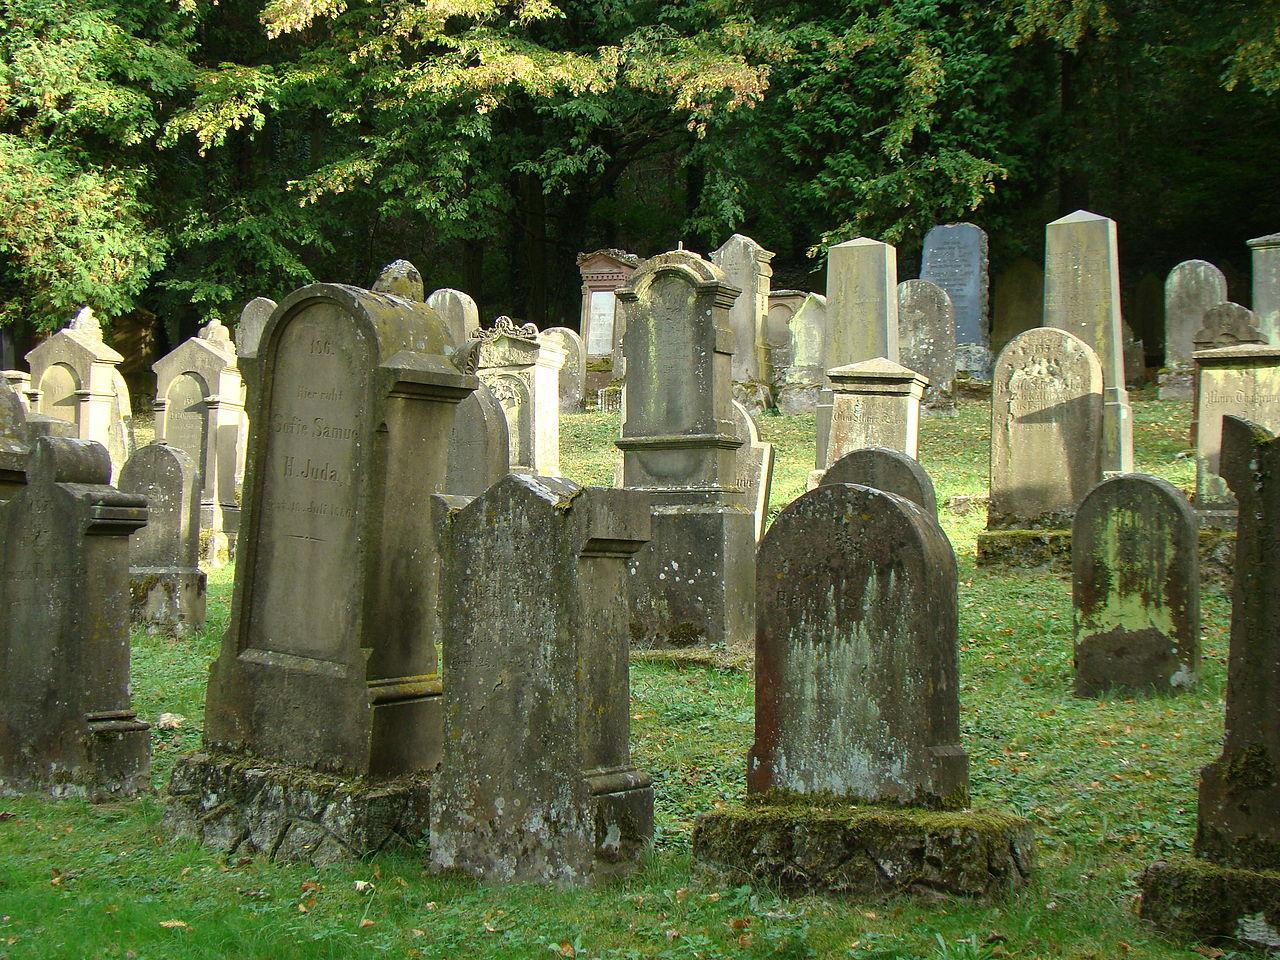 Affaltrachjudenfriedhof-02.JPG